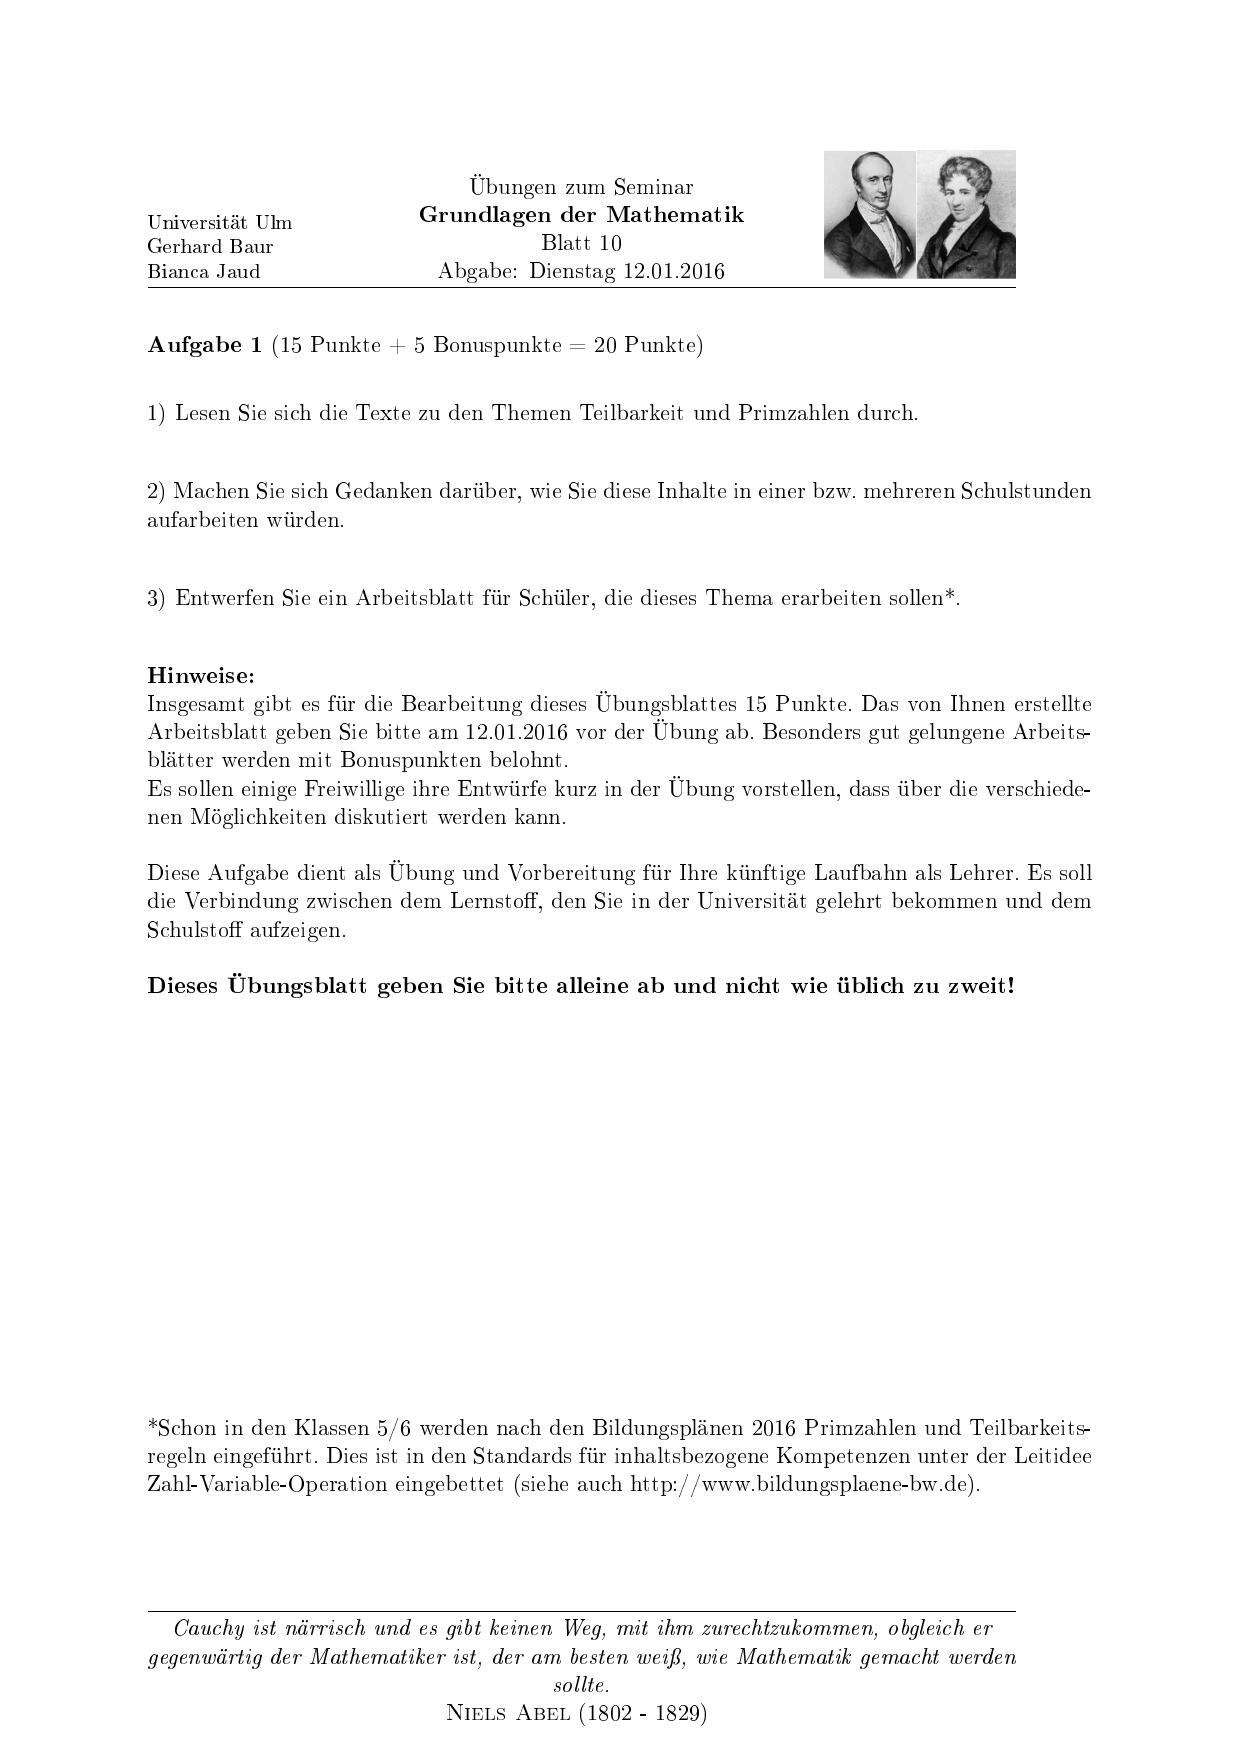 Schön Klassenobjekte Spanisch Arbeitsblatt Galerie - Mathe ...